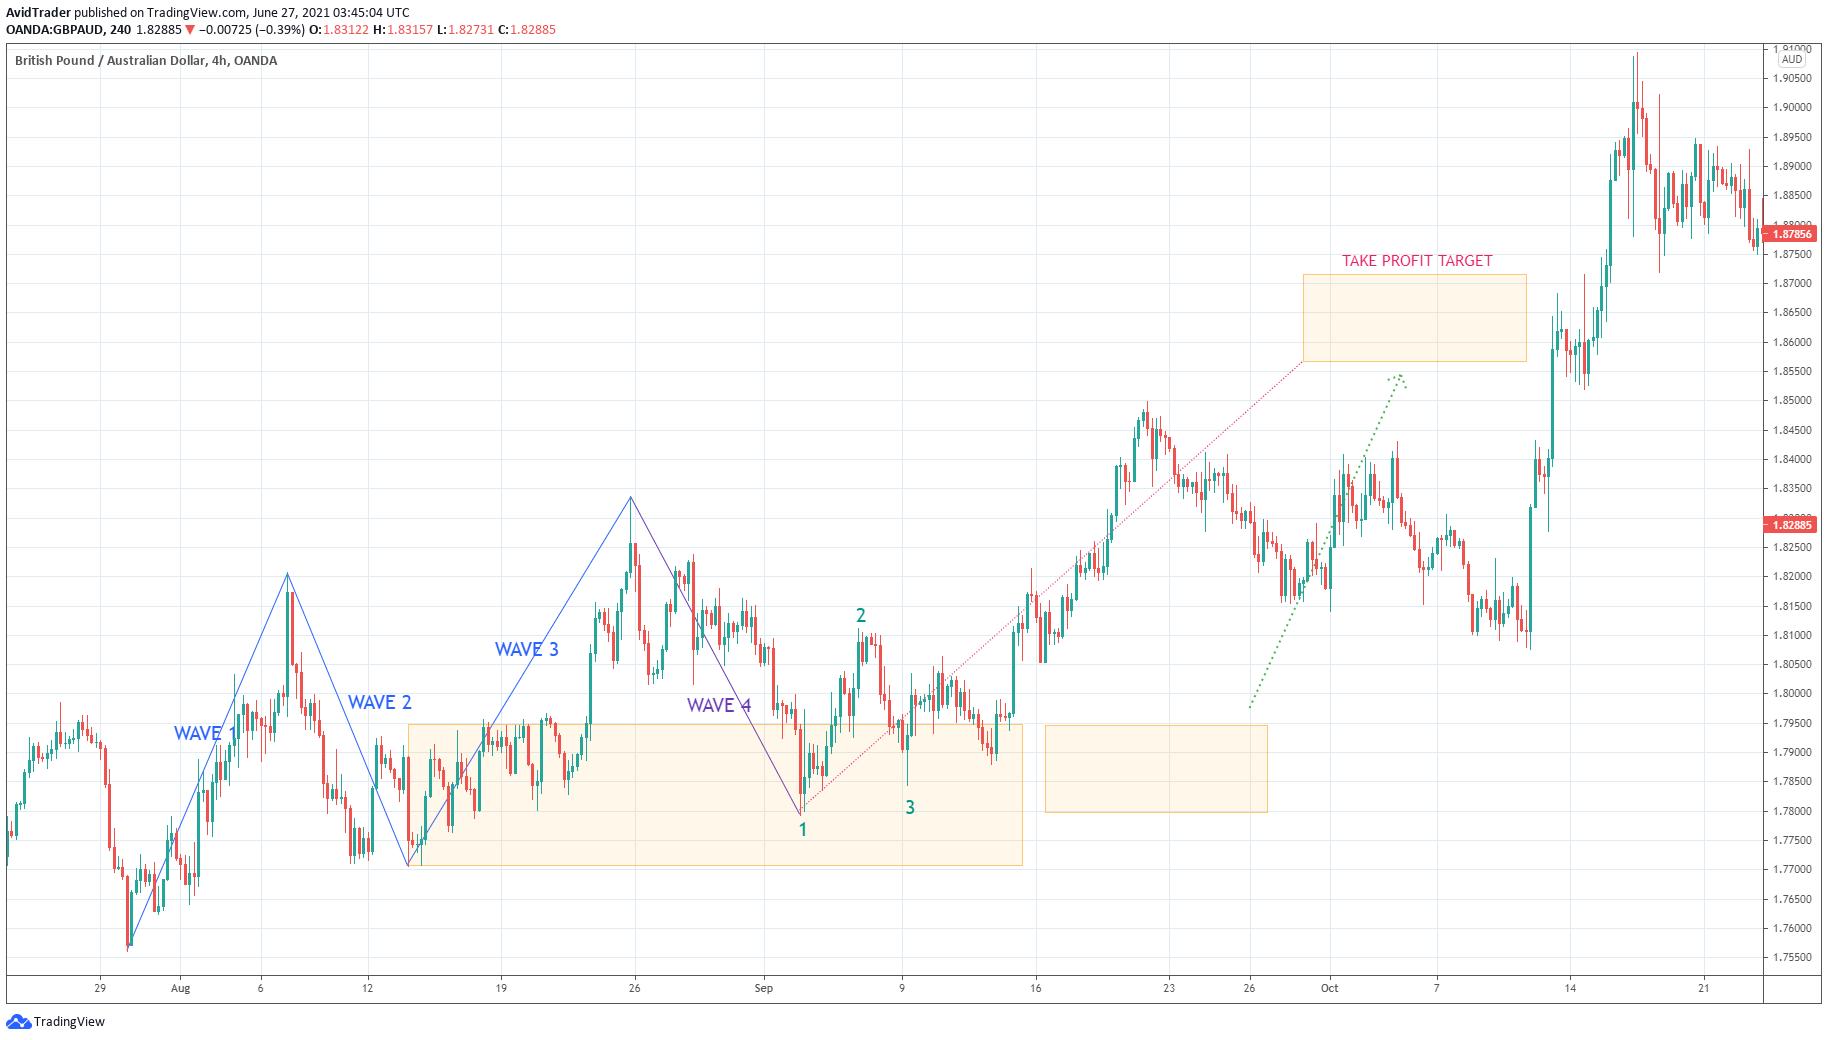 Australian Dollar/U.S.Dollar_4h_ waves & take profit target